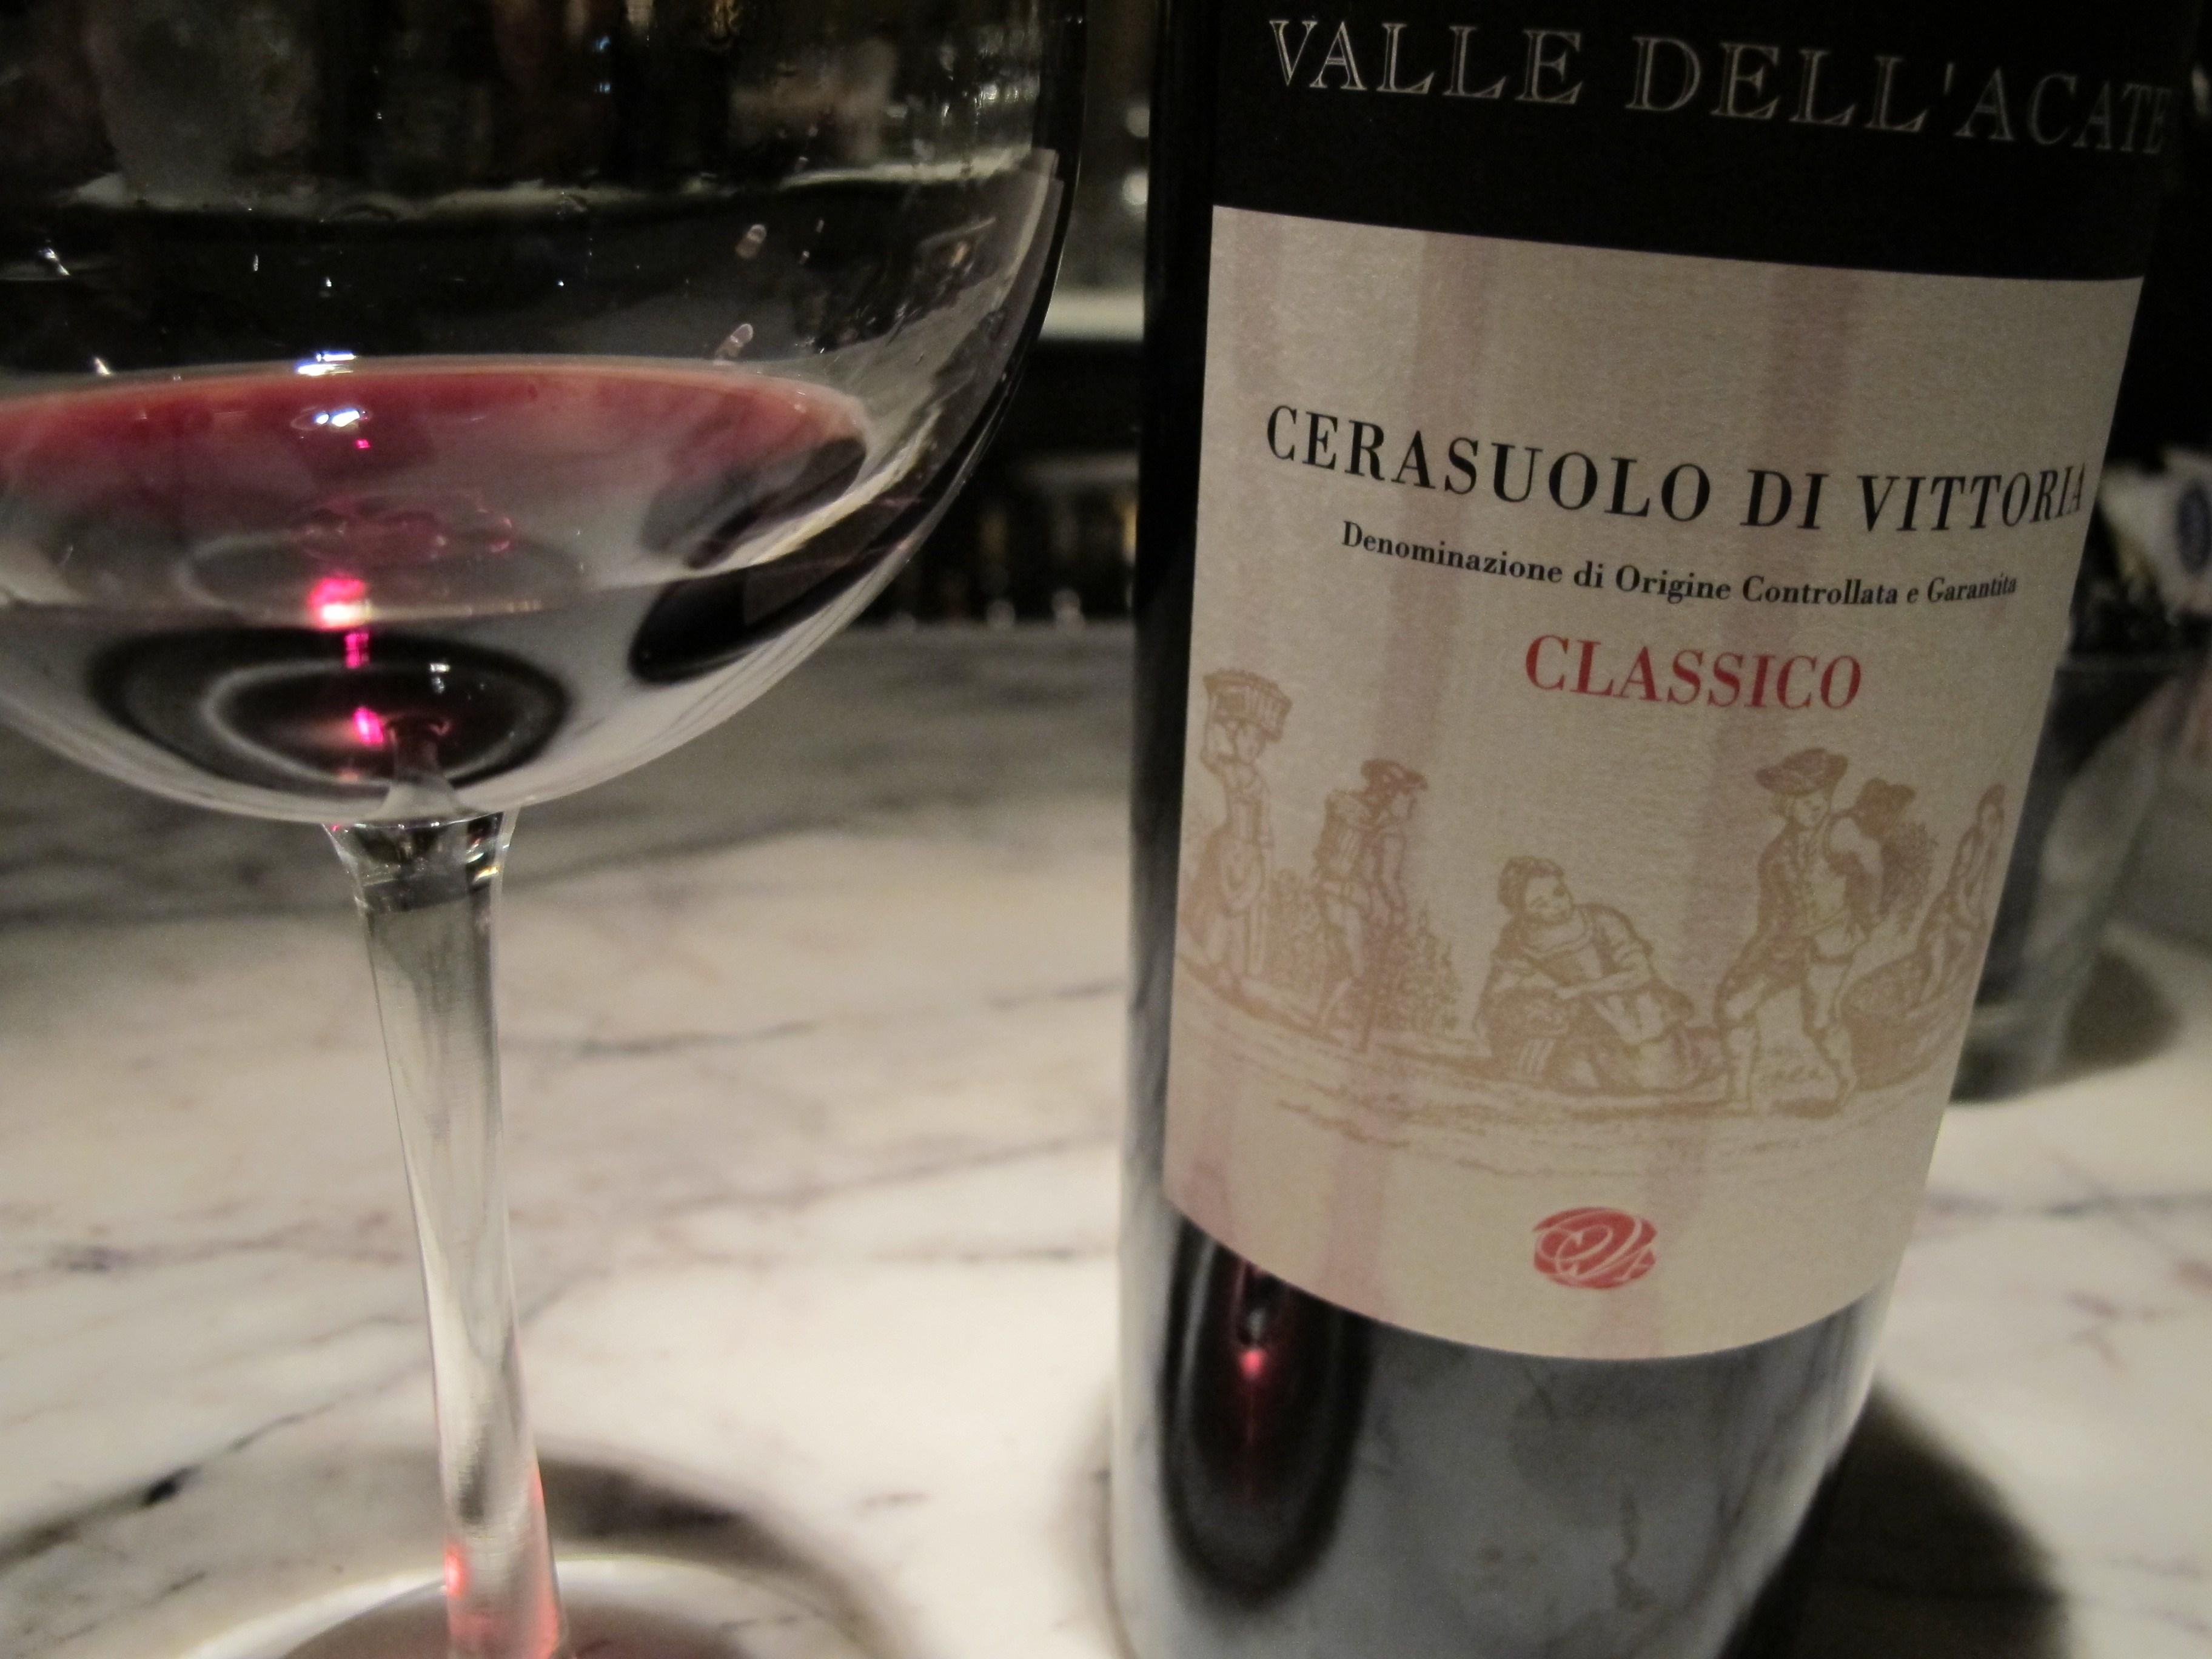 cerasuolo di vittoria vino siciliano